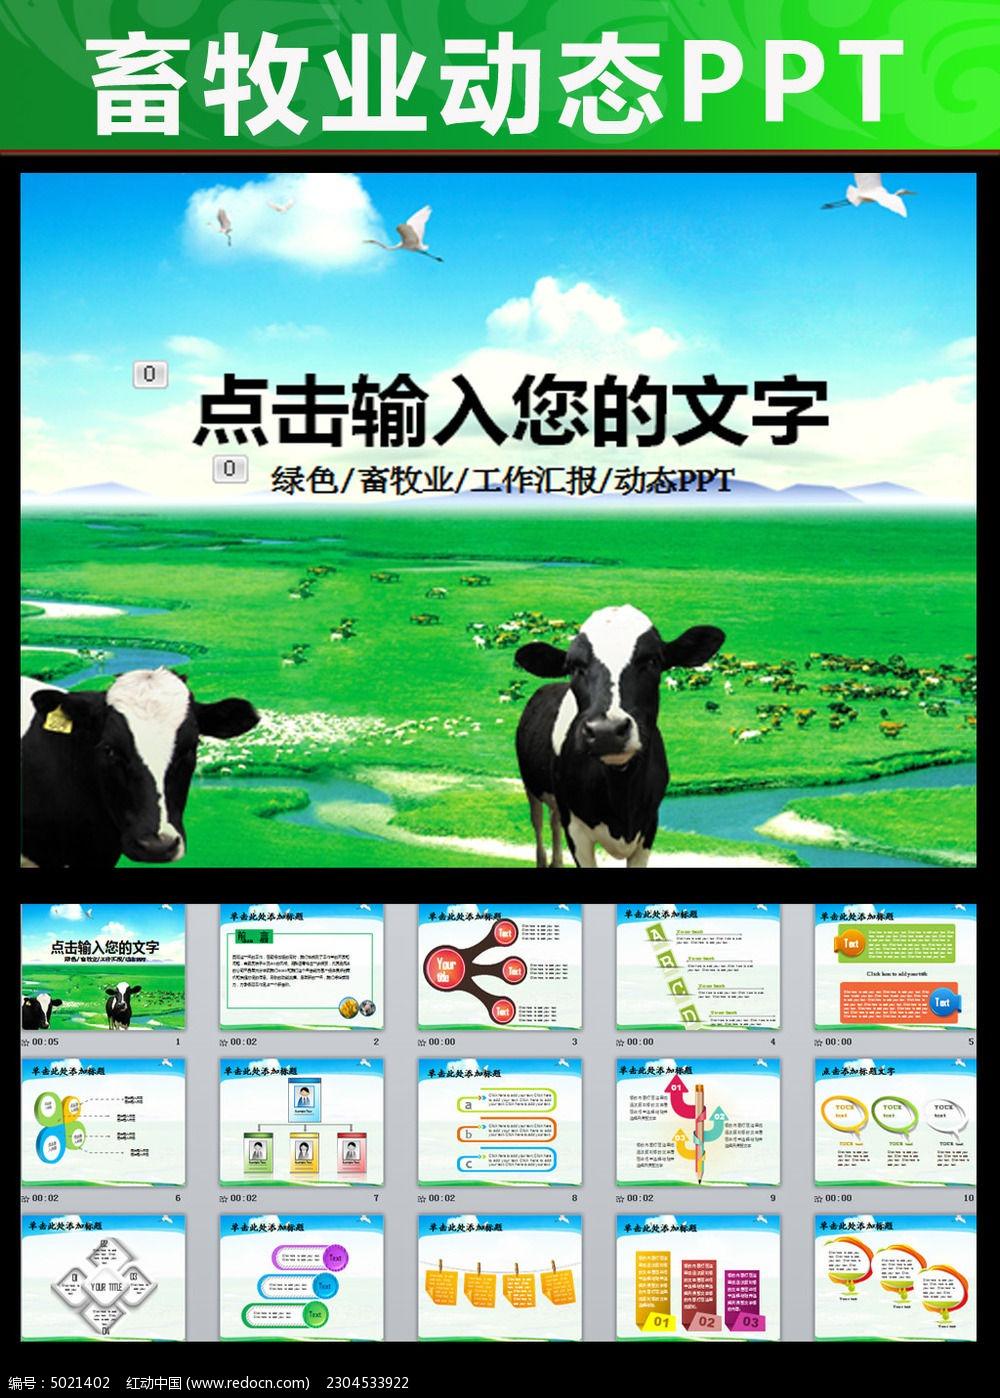 生态农场牧场农业新农村奶牛养殖PPT图片